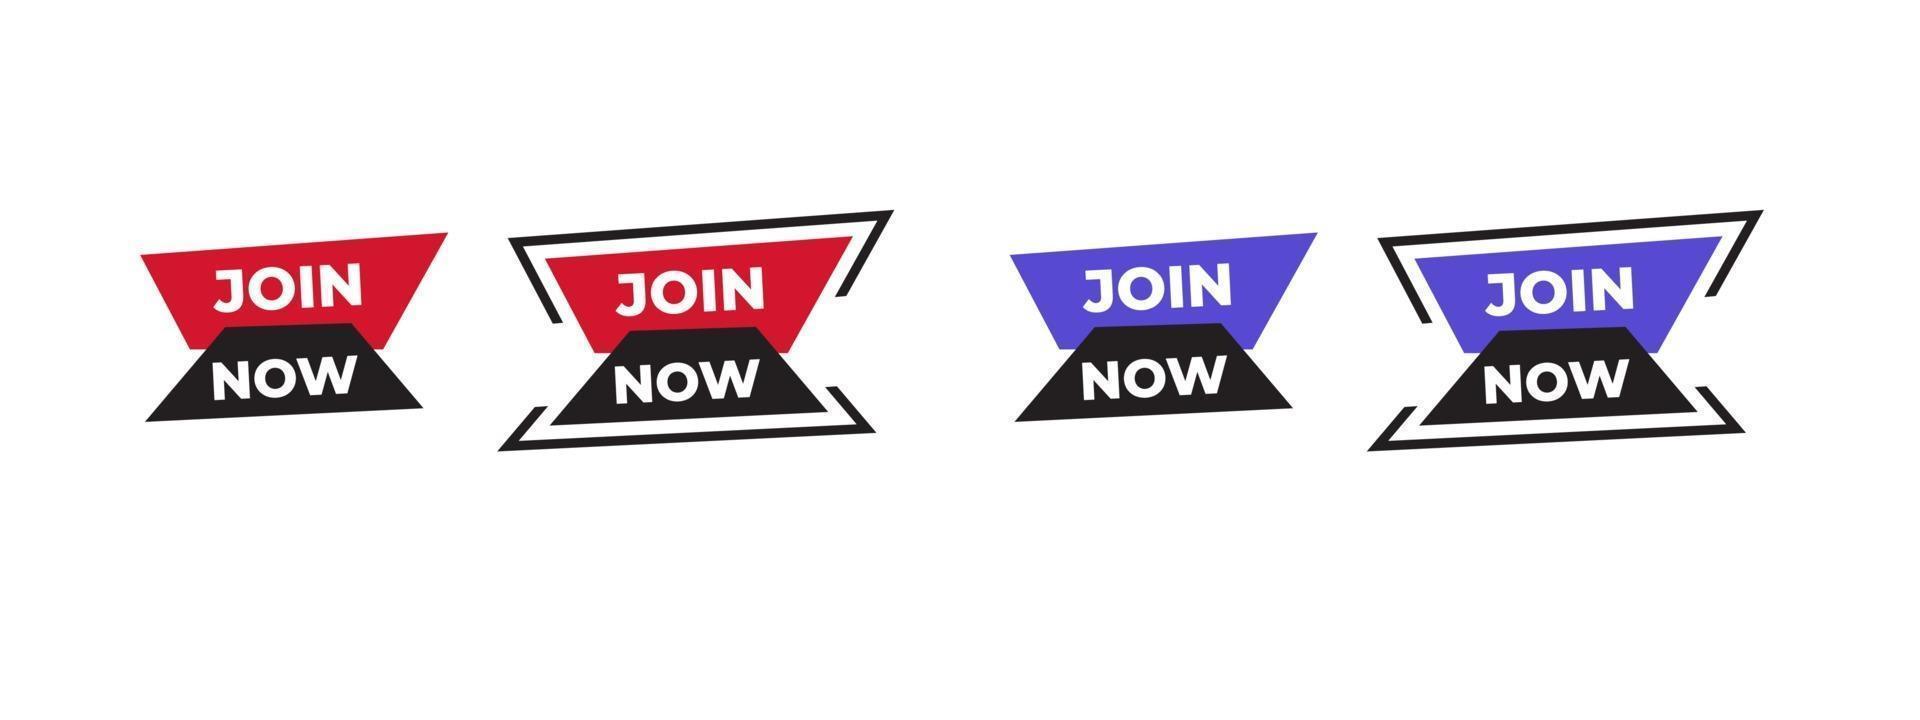 rejoignez maintenant l'icône d'autocollant de vecteur. conception avec une forme moderne pour le tiers inférieur, logo, diffusion, bannière publicitaire. illustration vectorielle. vecteur